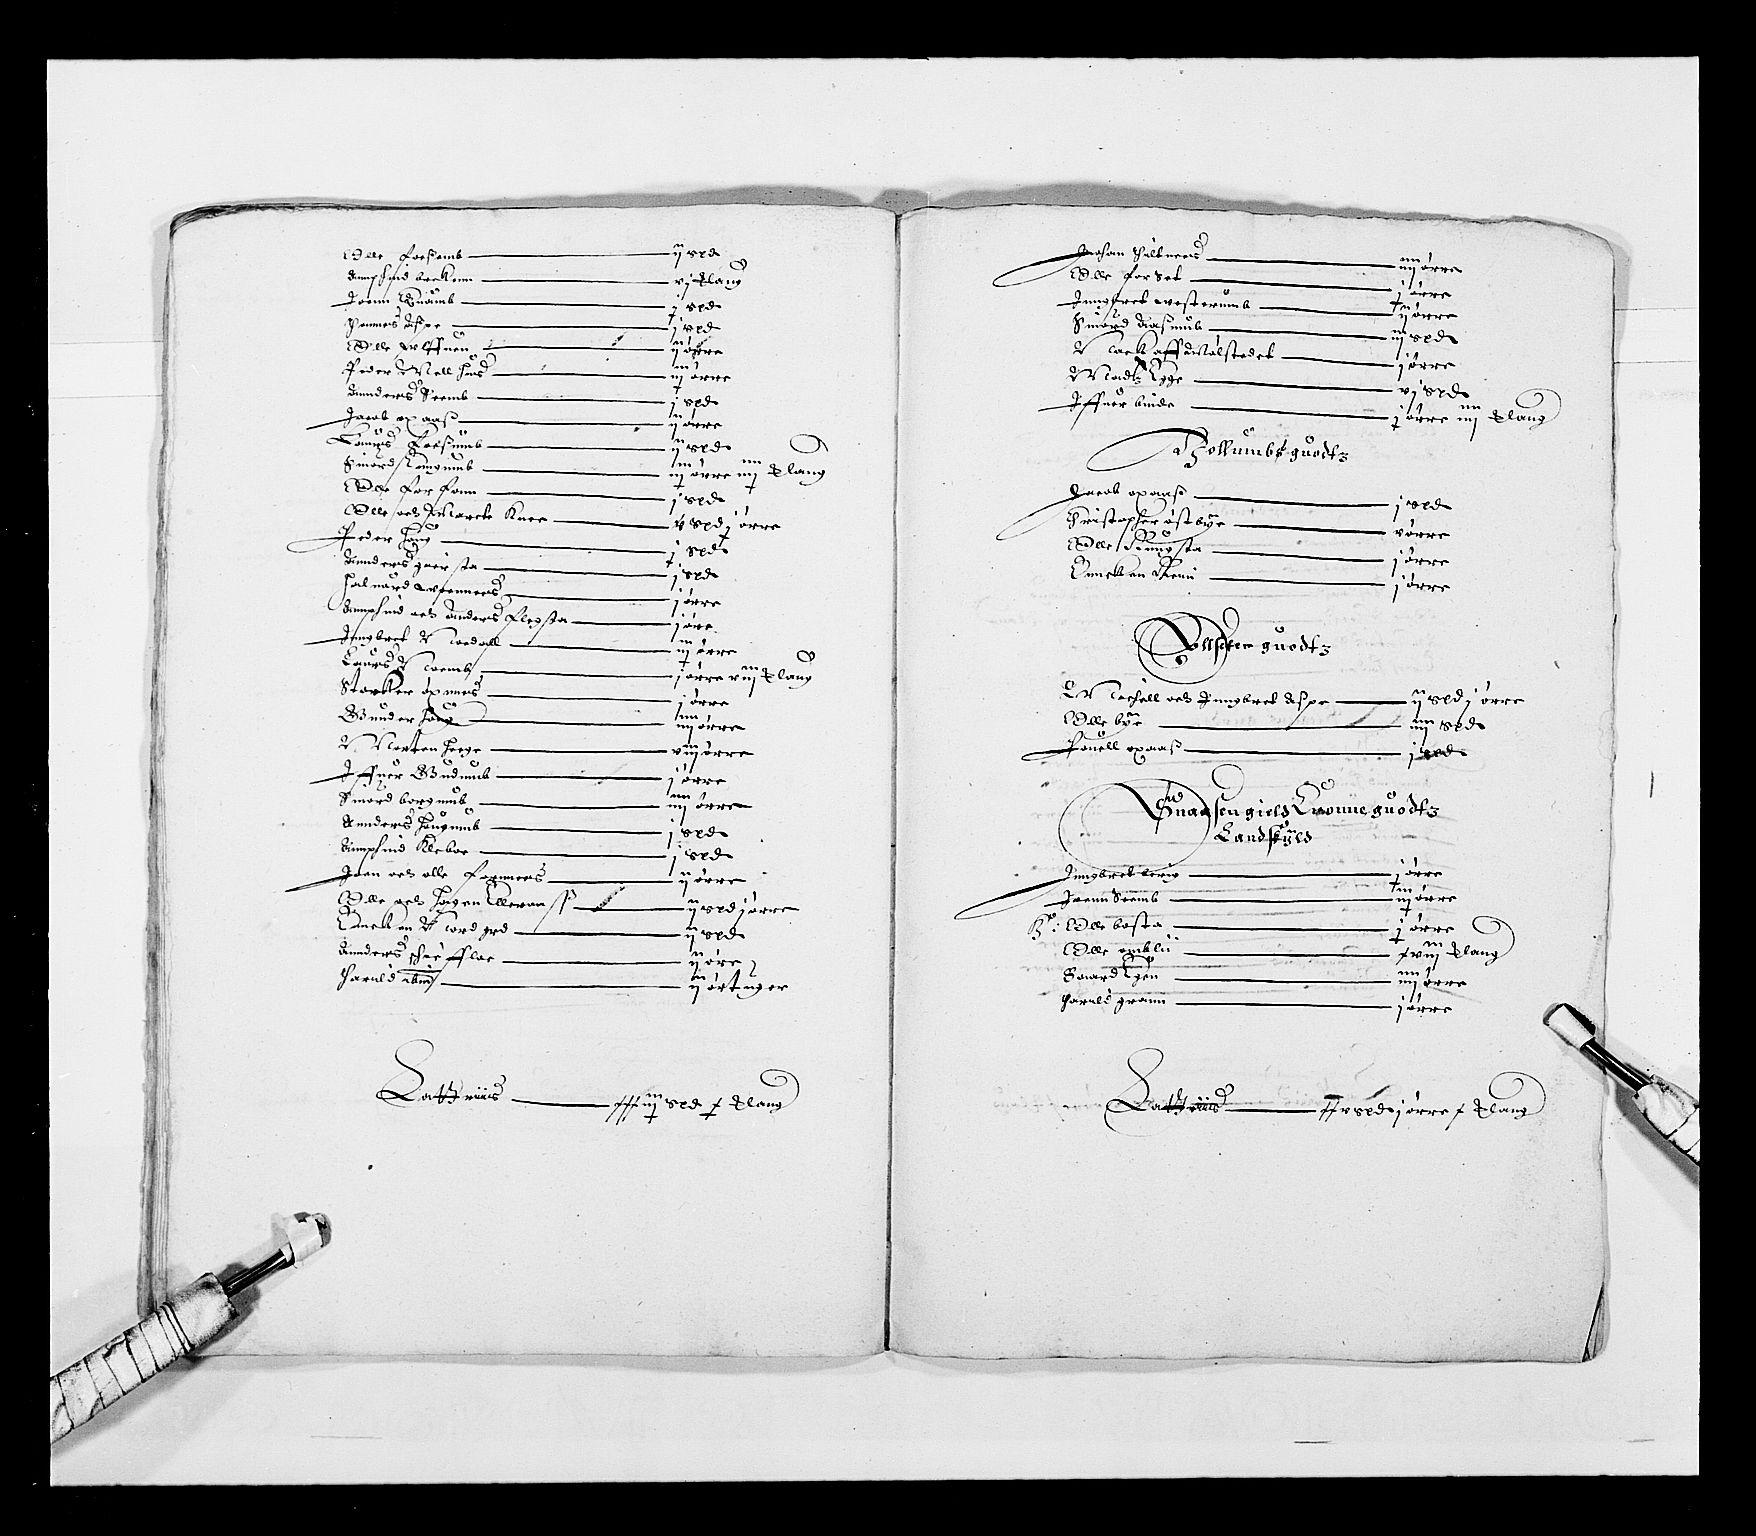 RA, Stattholderembetet 1572-1771, Ek/L0028: Jordebøker 1633-1658:, 1645-1646, s. 126